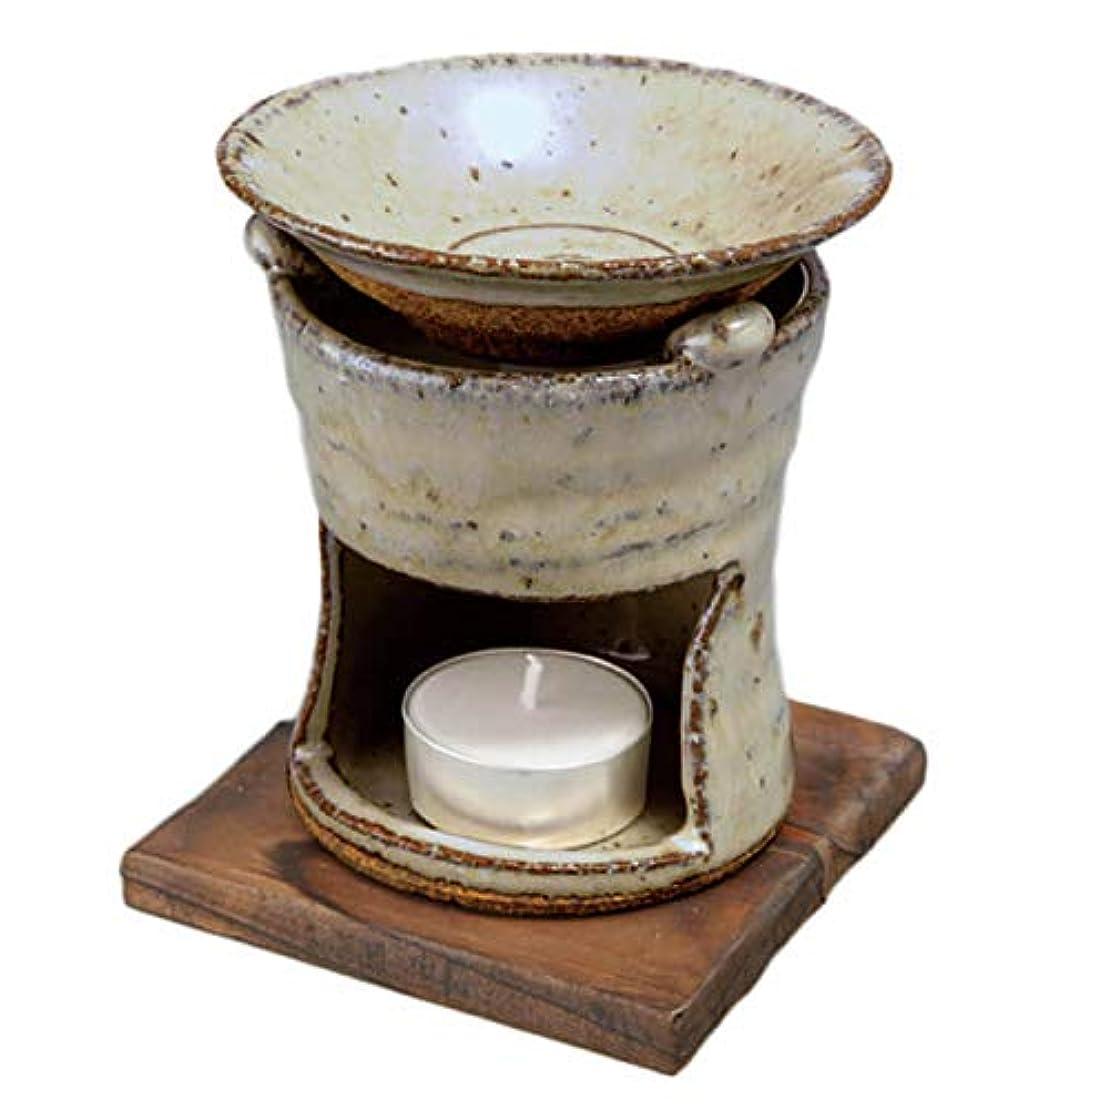 センサー型知覚的手造り 茶香炉/茶香炉 伊良保/アロマ 癒やし リラックス インテリア 間接照明